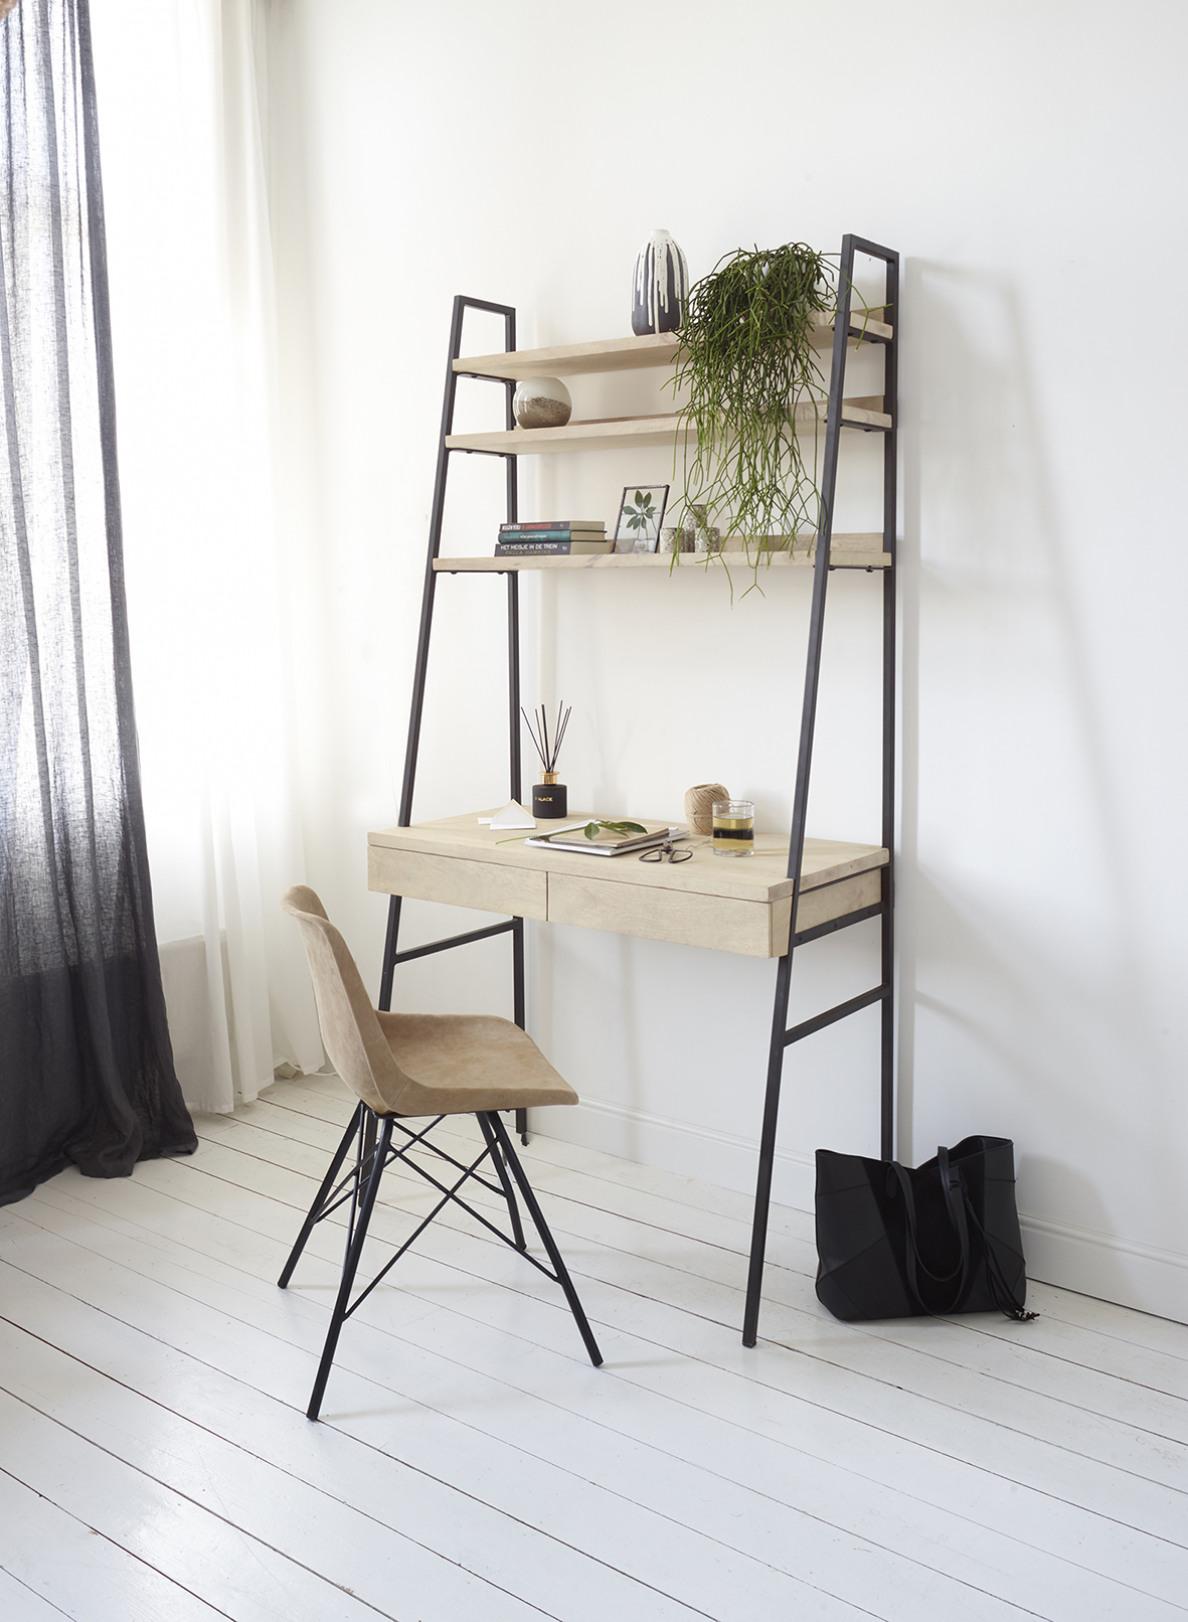 meubelen 1.jpg